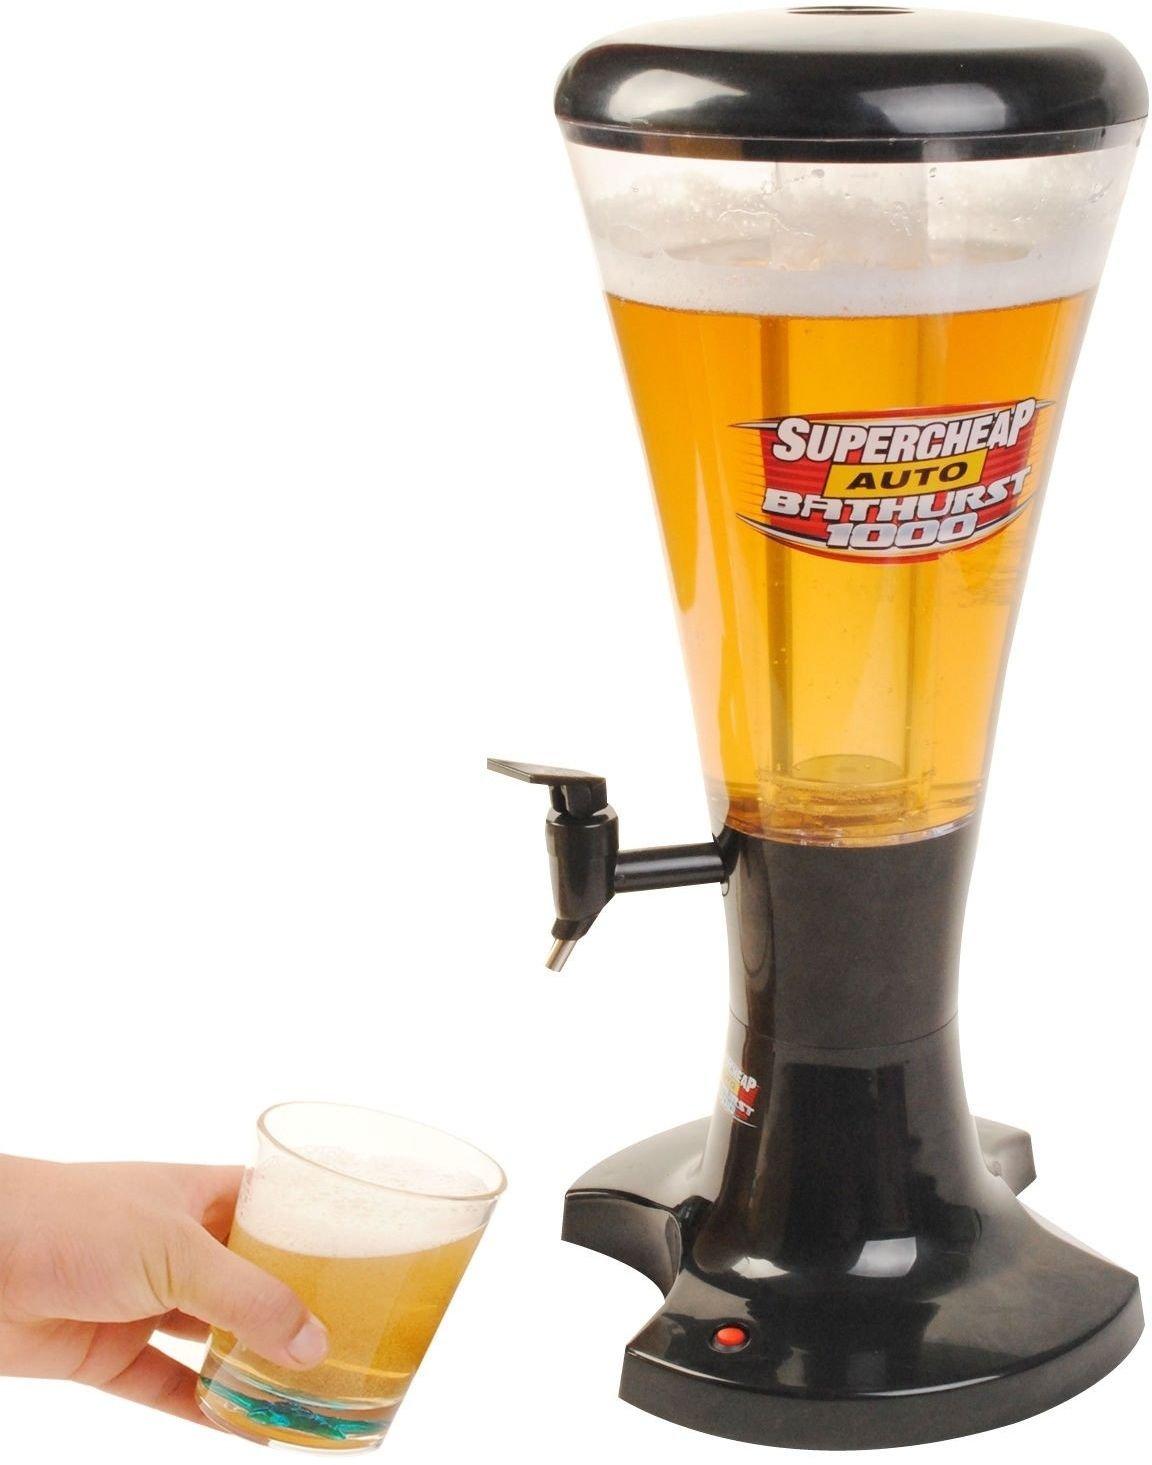 3L Draft Beer Drinks Drink Cola Juice Tower Dispenser Plastic with LED Lights